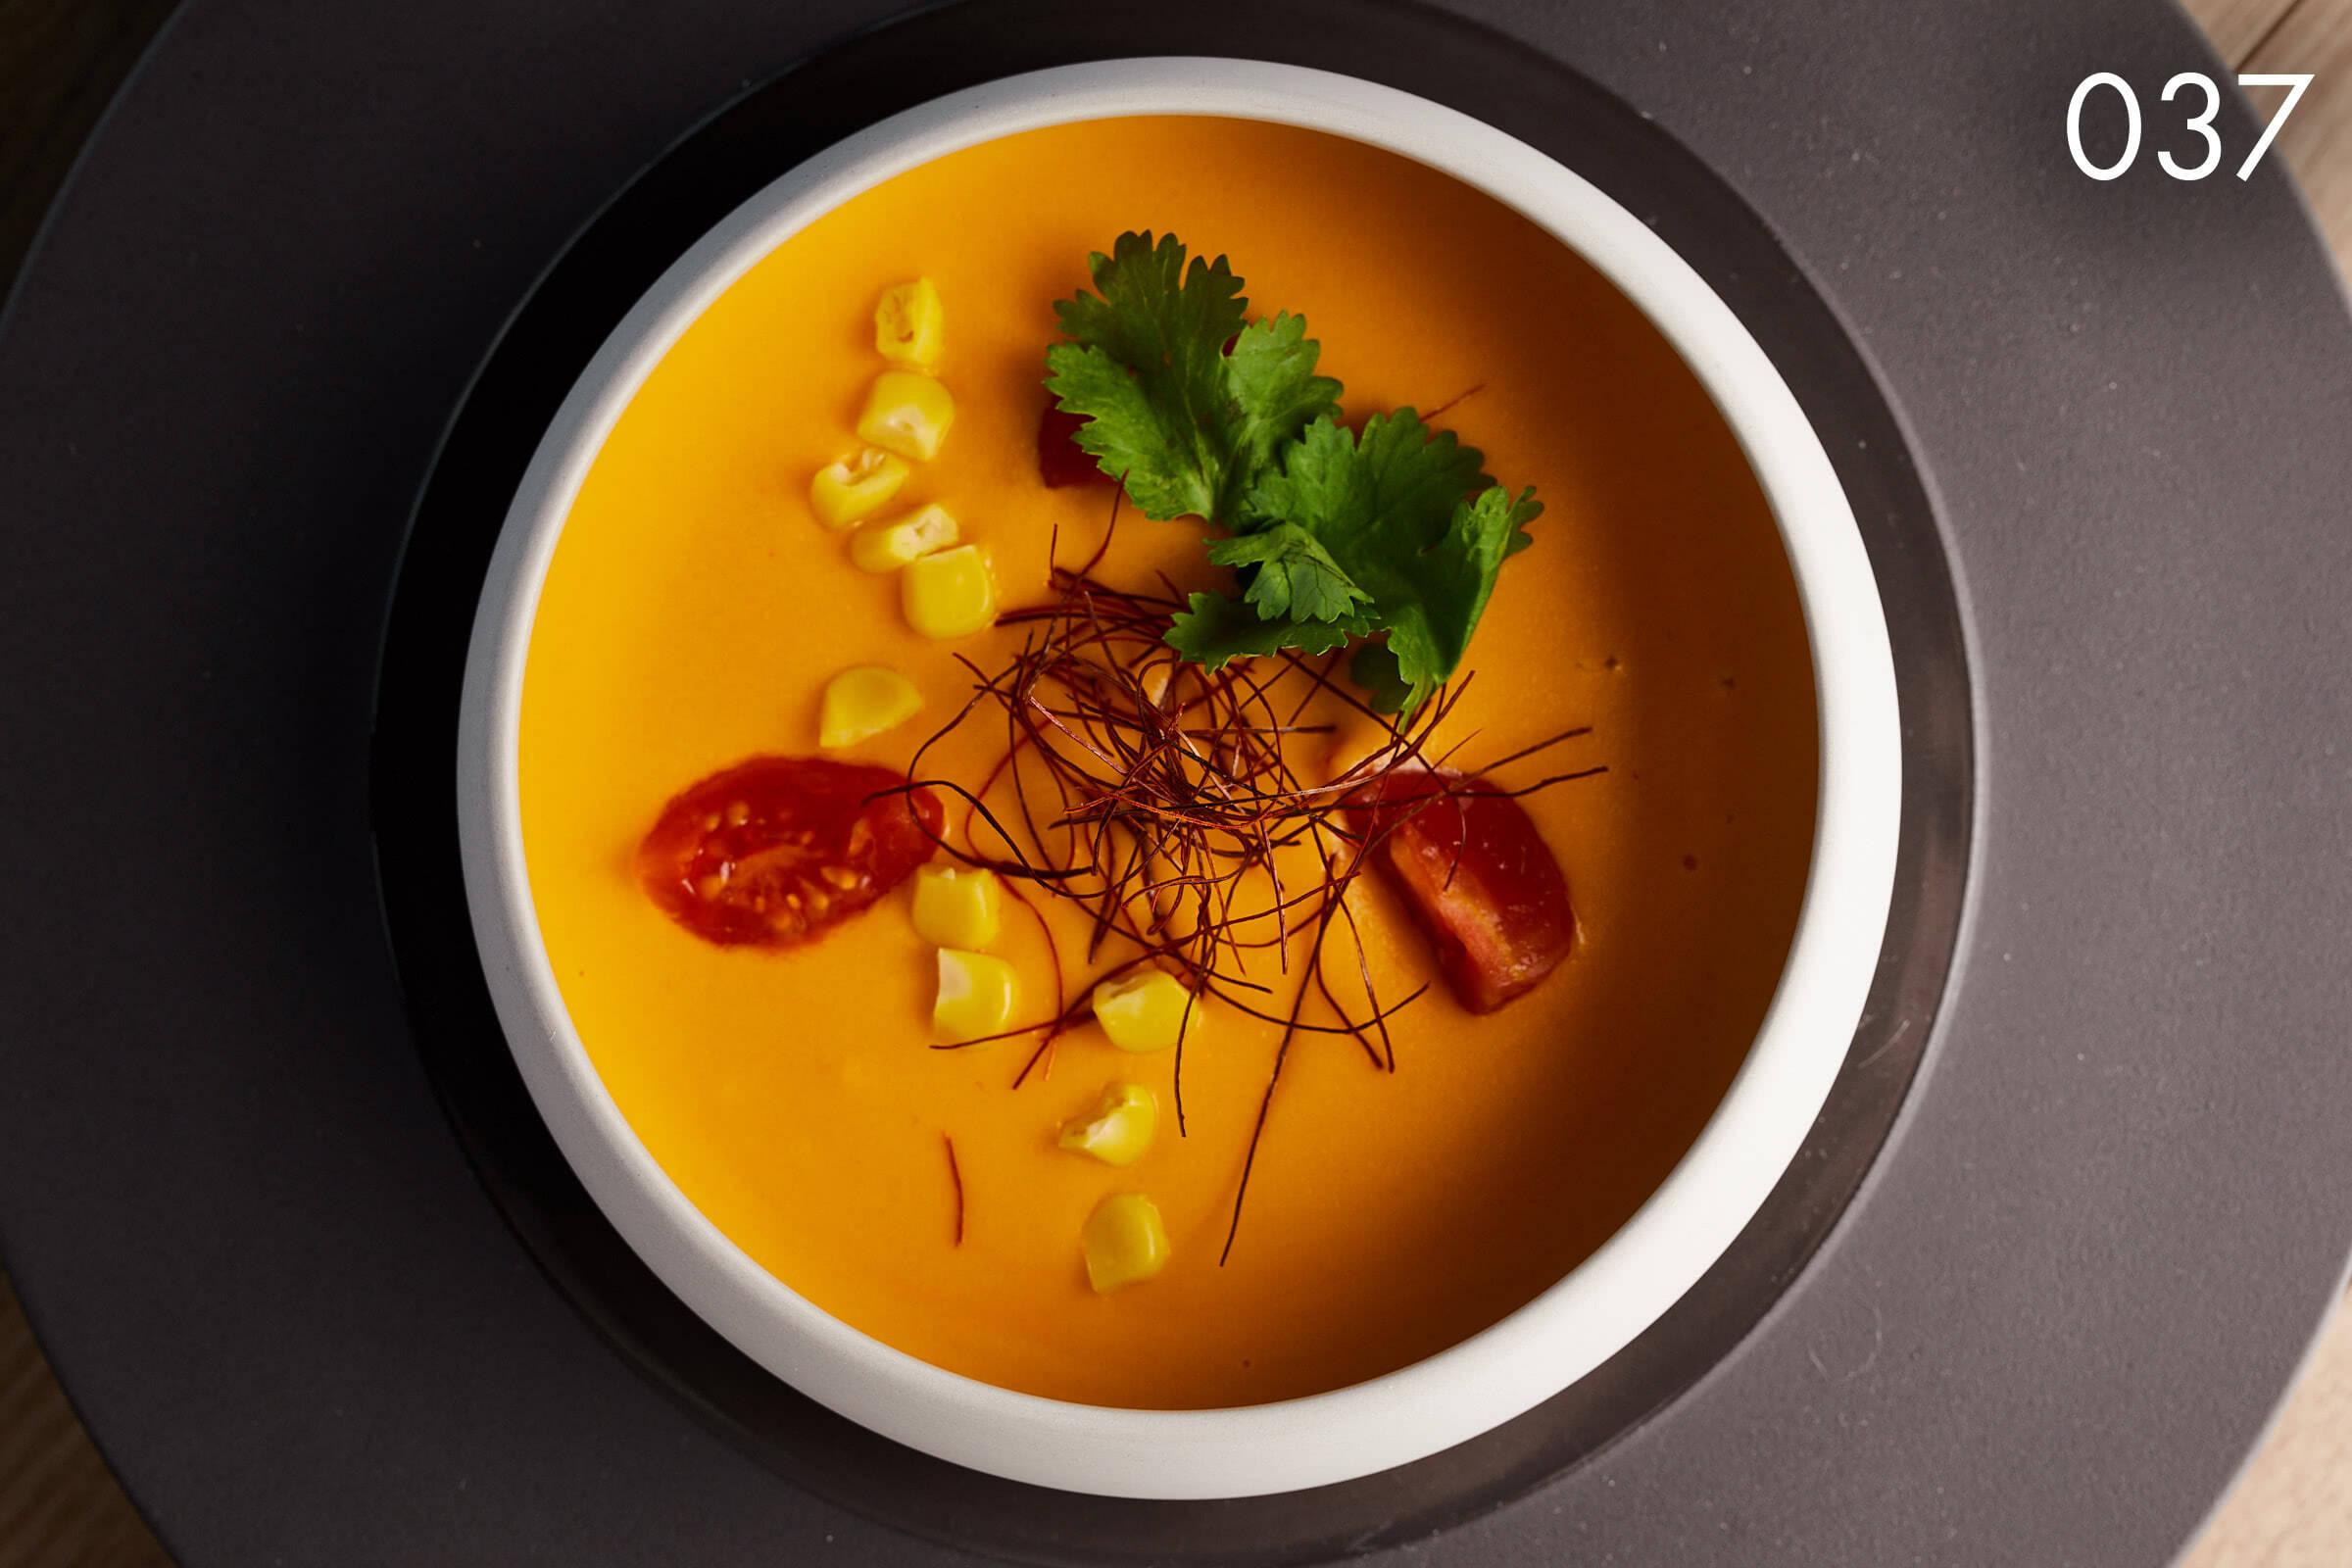 кукурузно-томатный крем-суп в ресторане Веранда